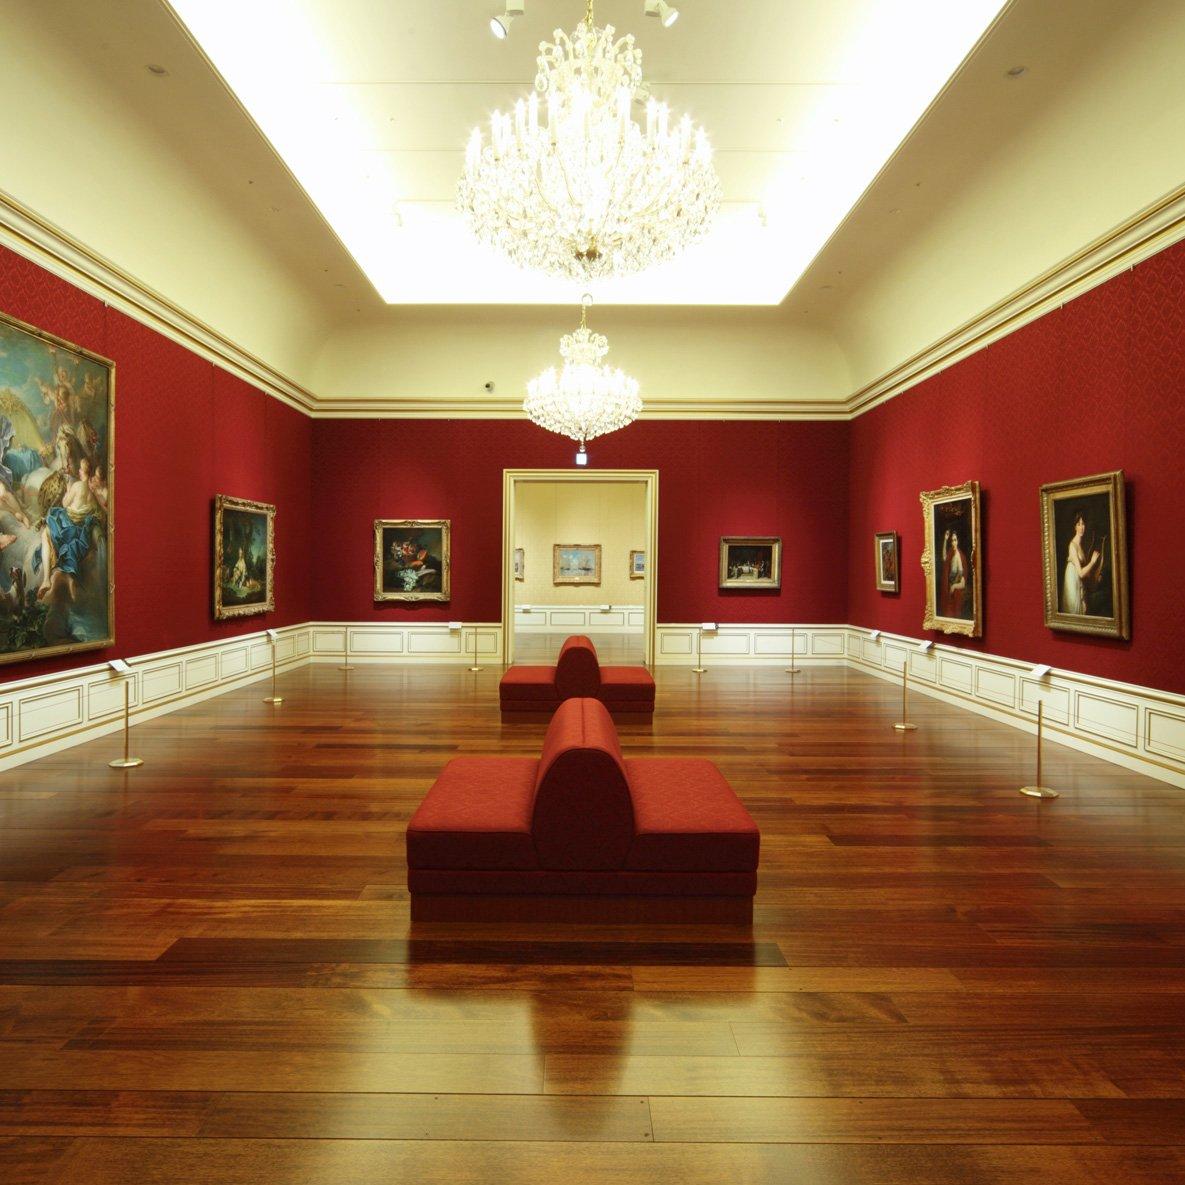 展覧会「もっと知りたい名画の世界 よそおいの200年」名古屋で、フランス美術200年を衣服と共に紹介…